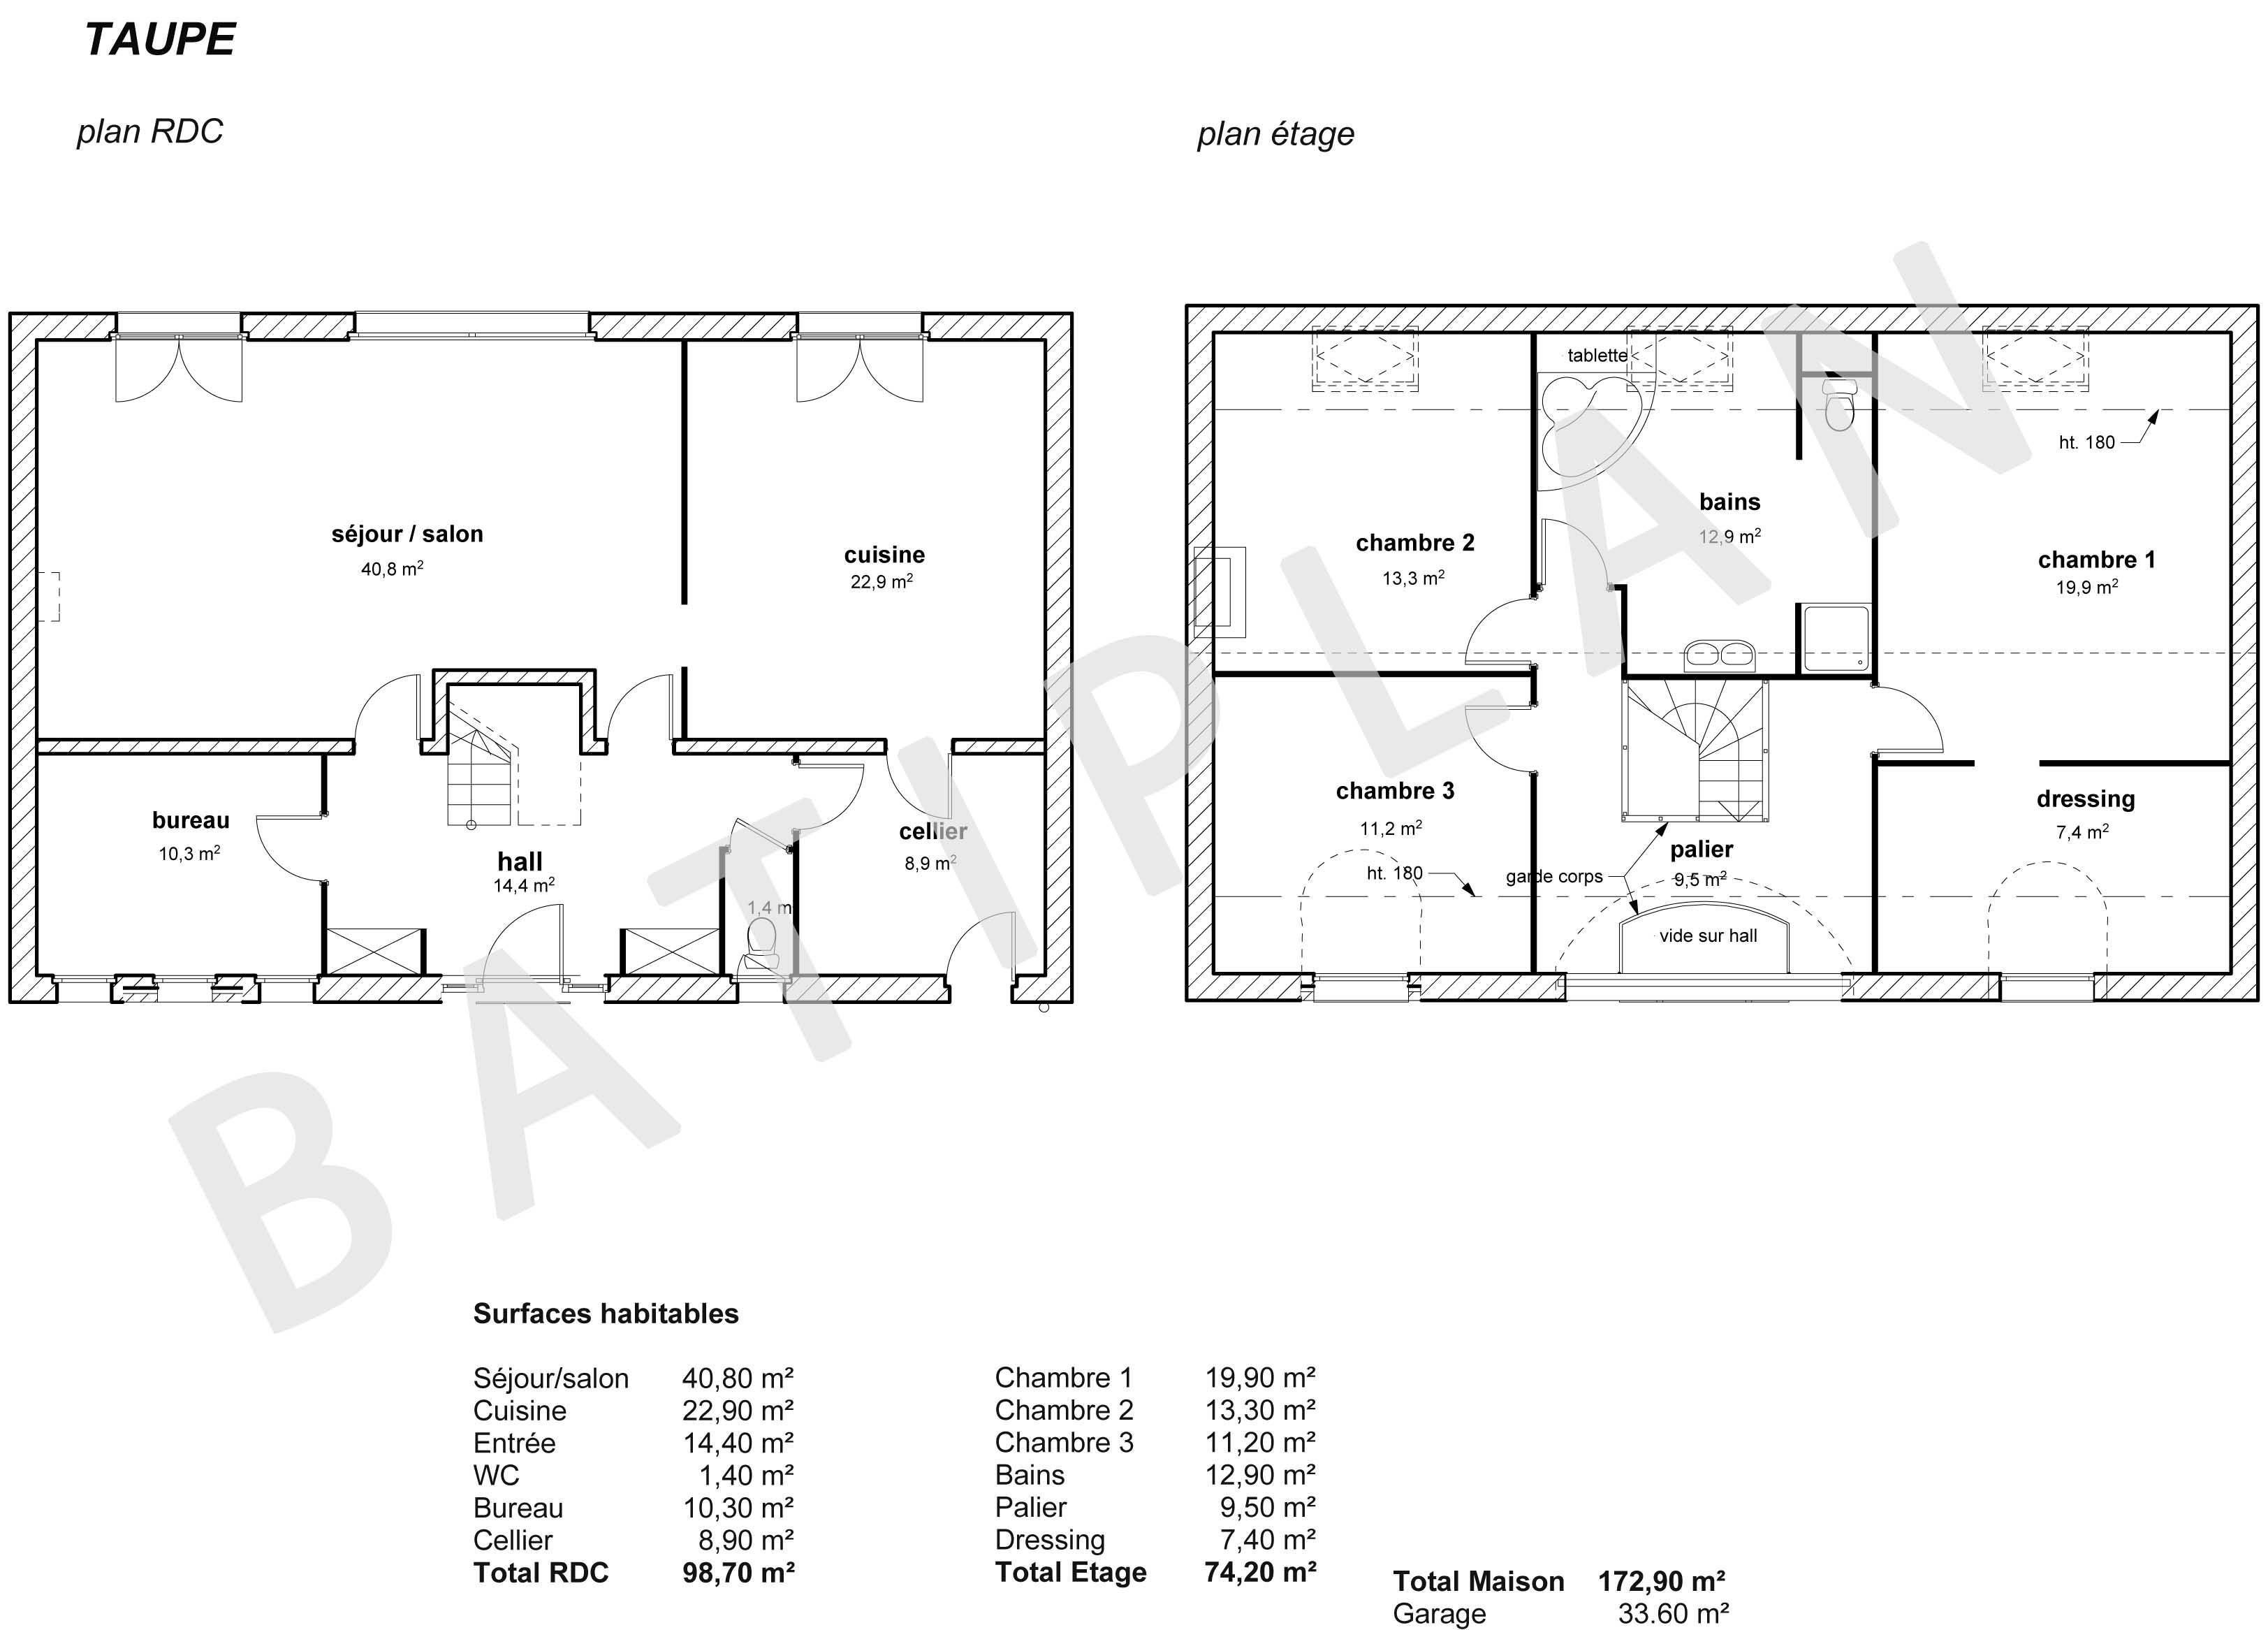 plan de maison taupe - Plan Pour Construire Une Maison